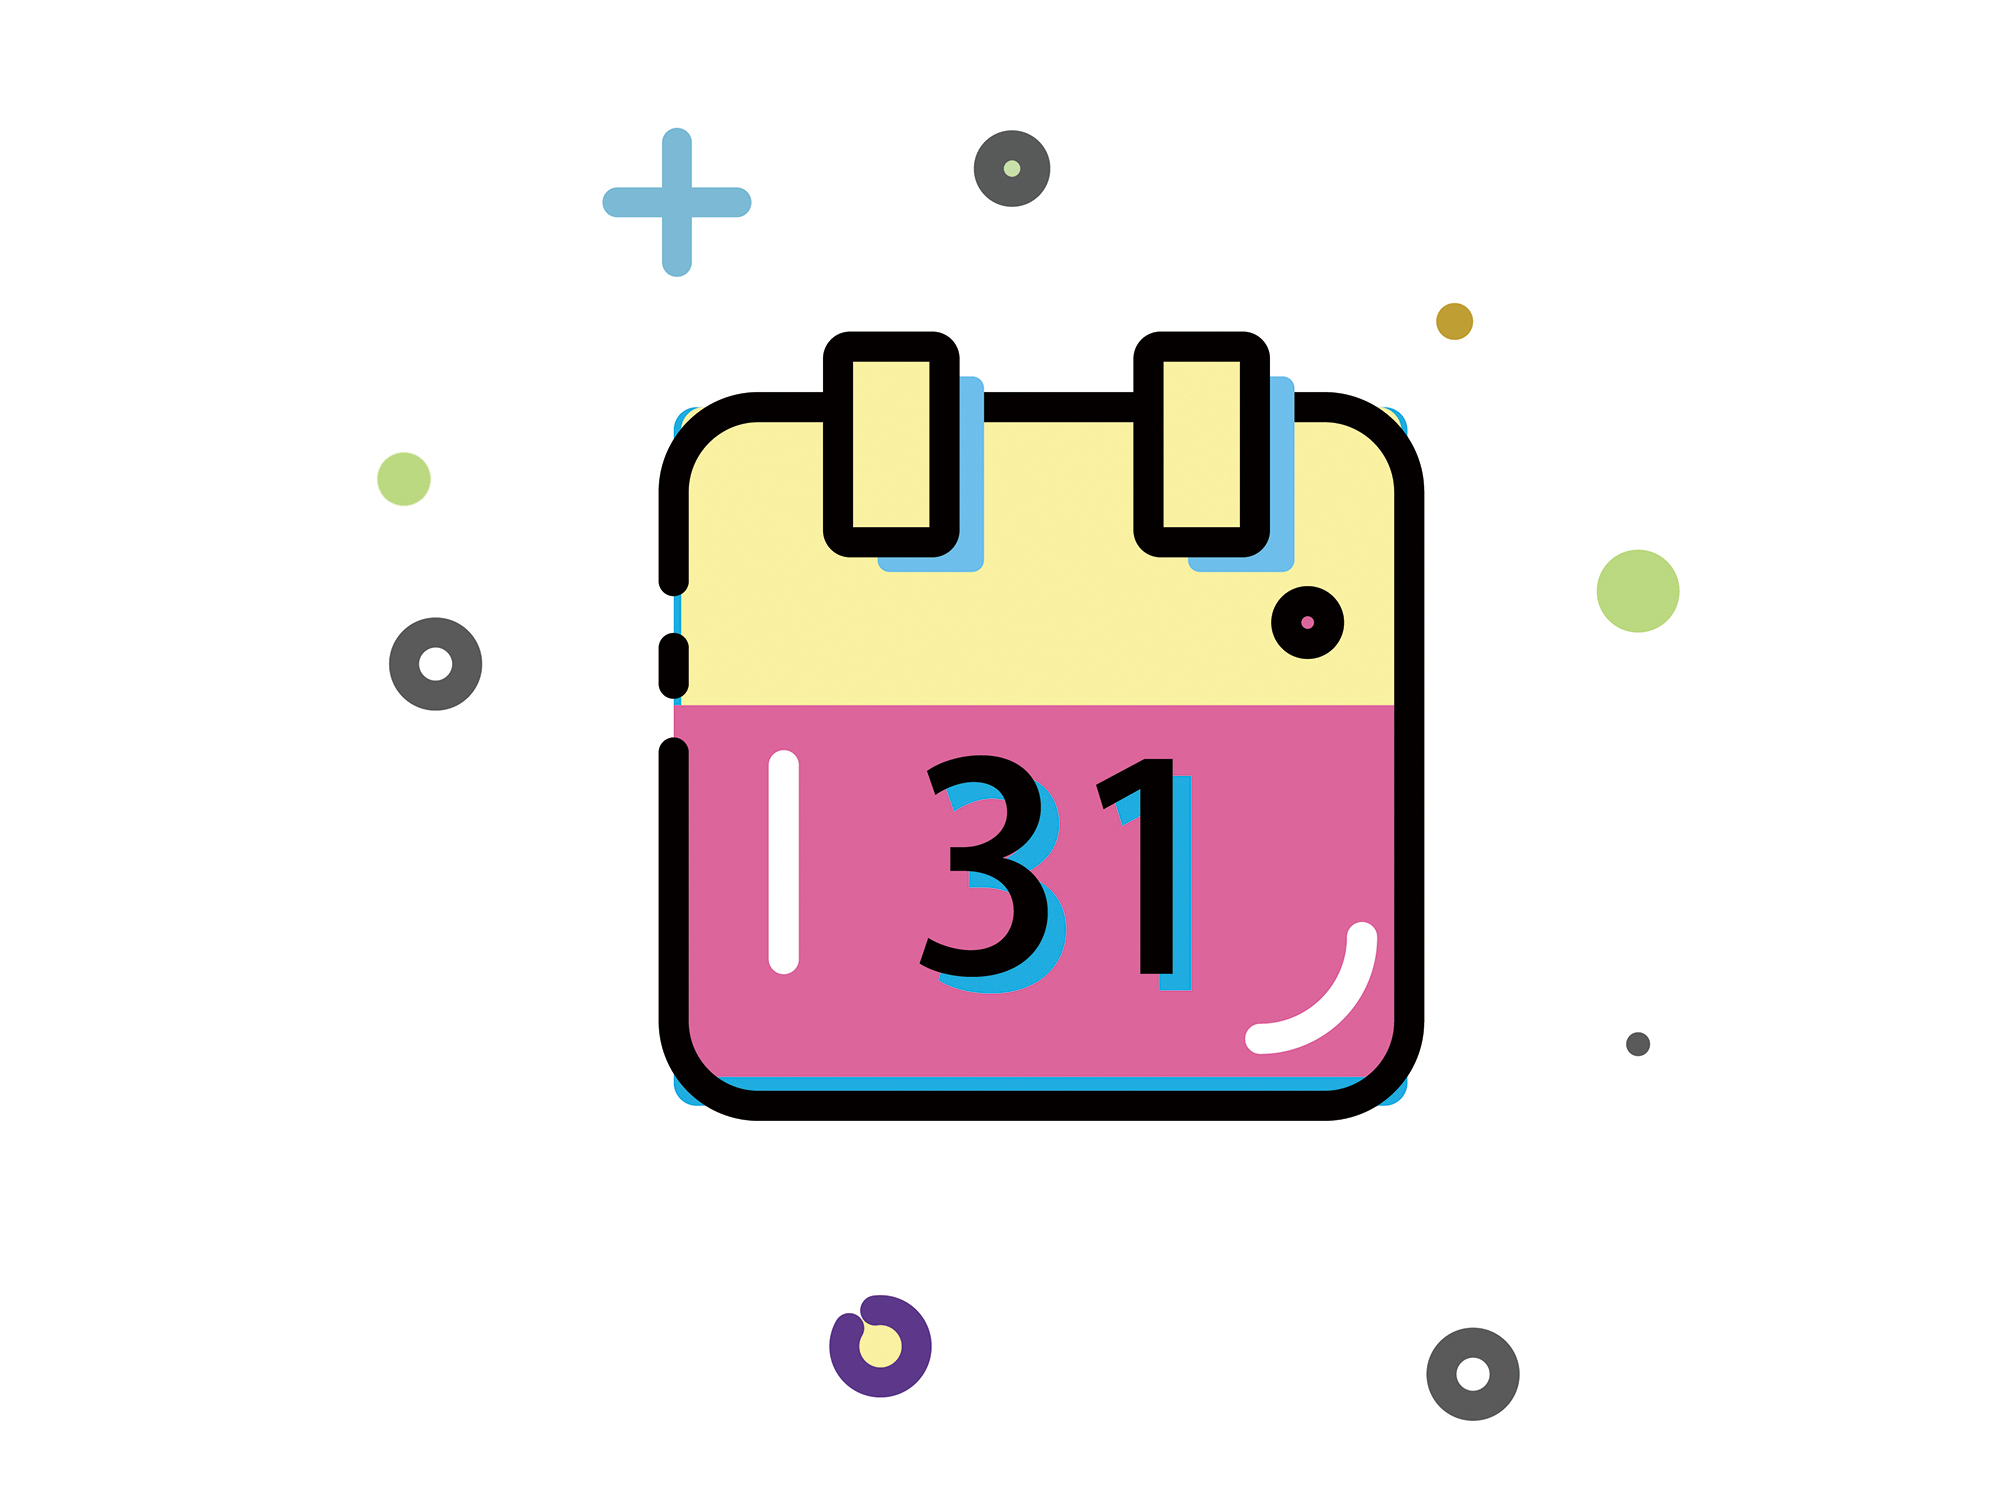 mbe mbe圖標 圖標 設計 圖標設計 icon icon 圖標 手繪